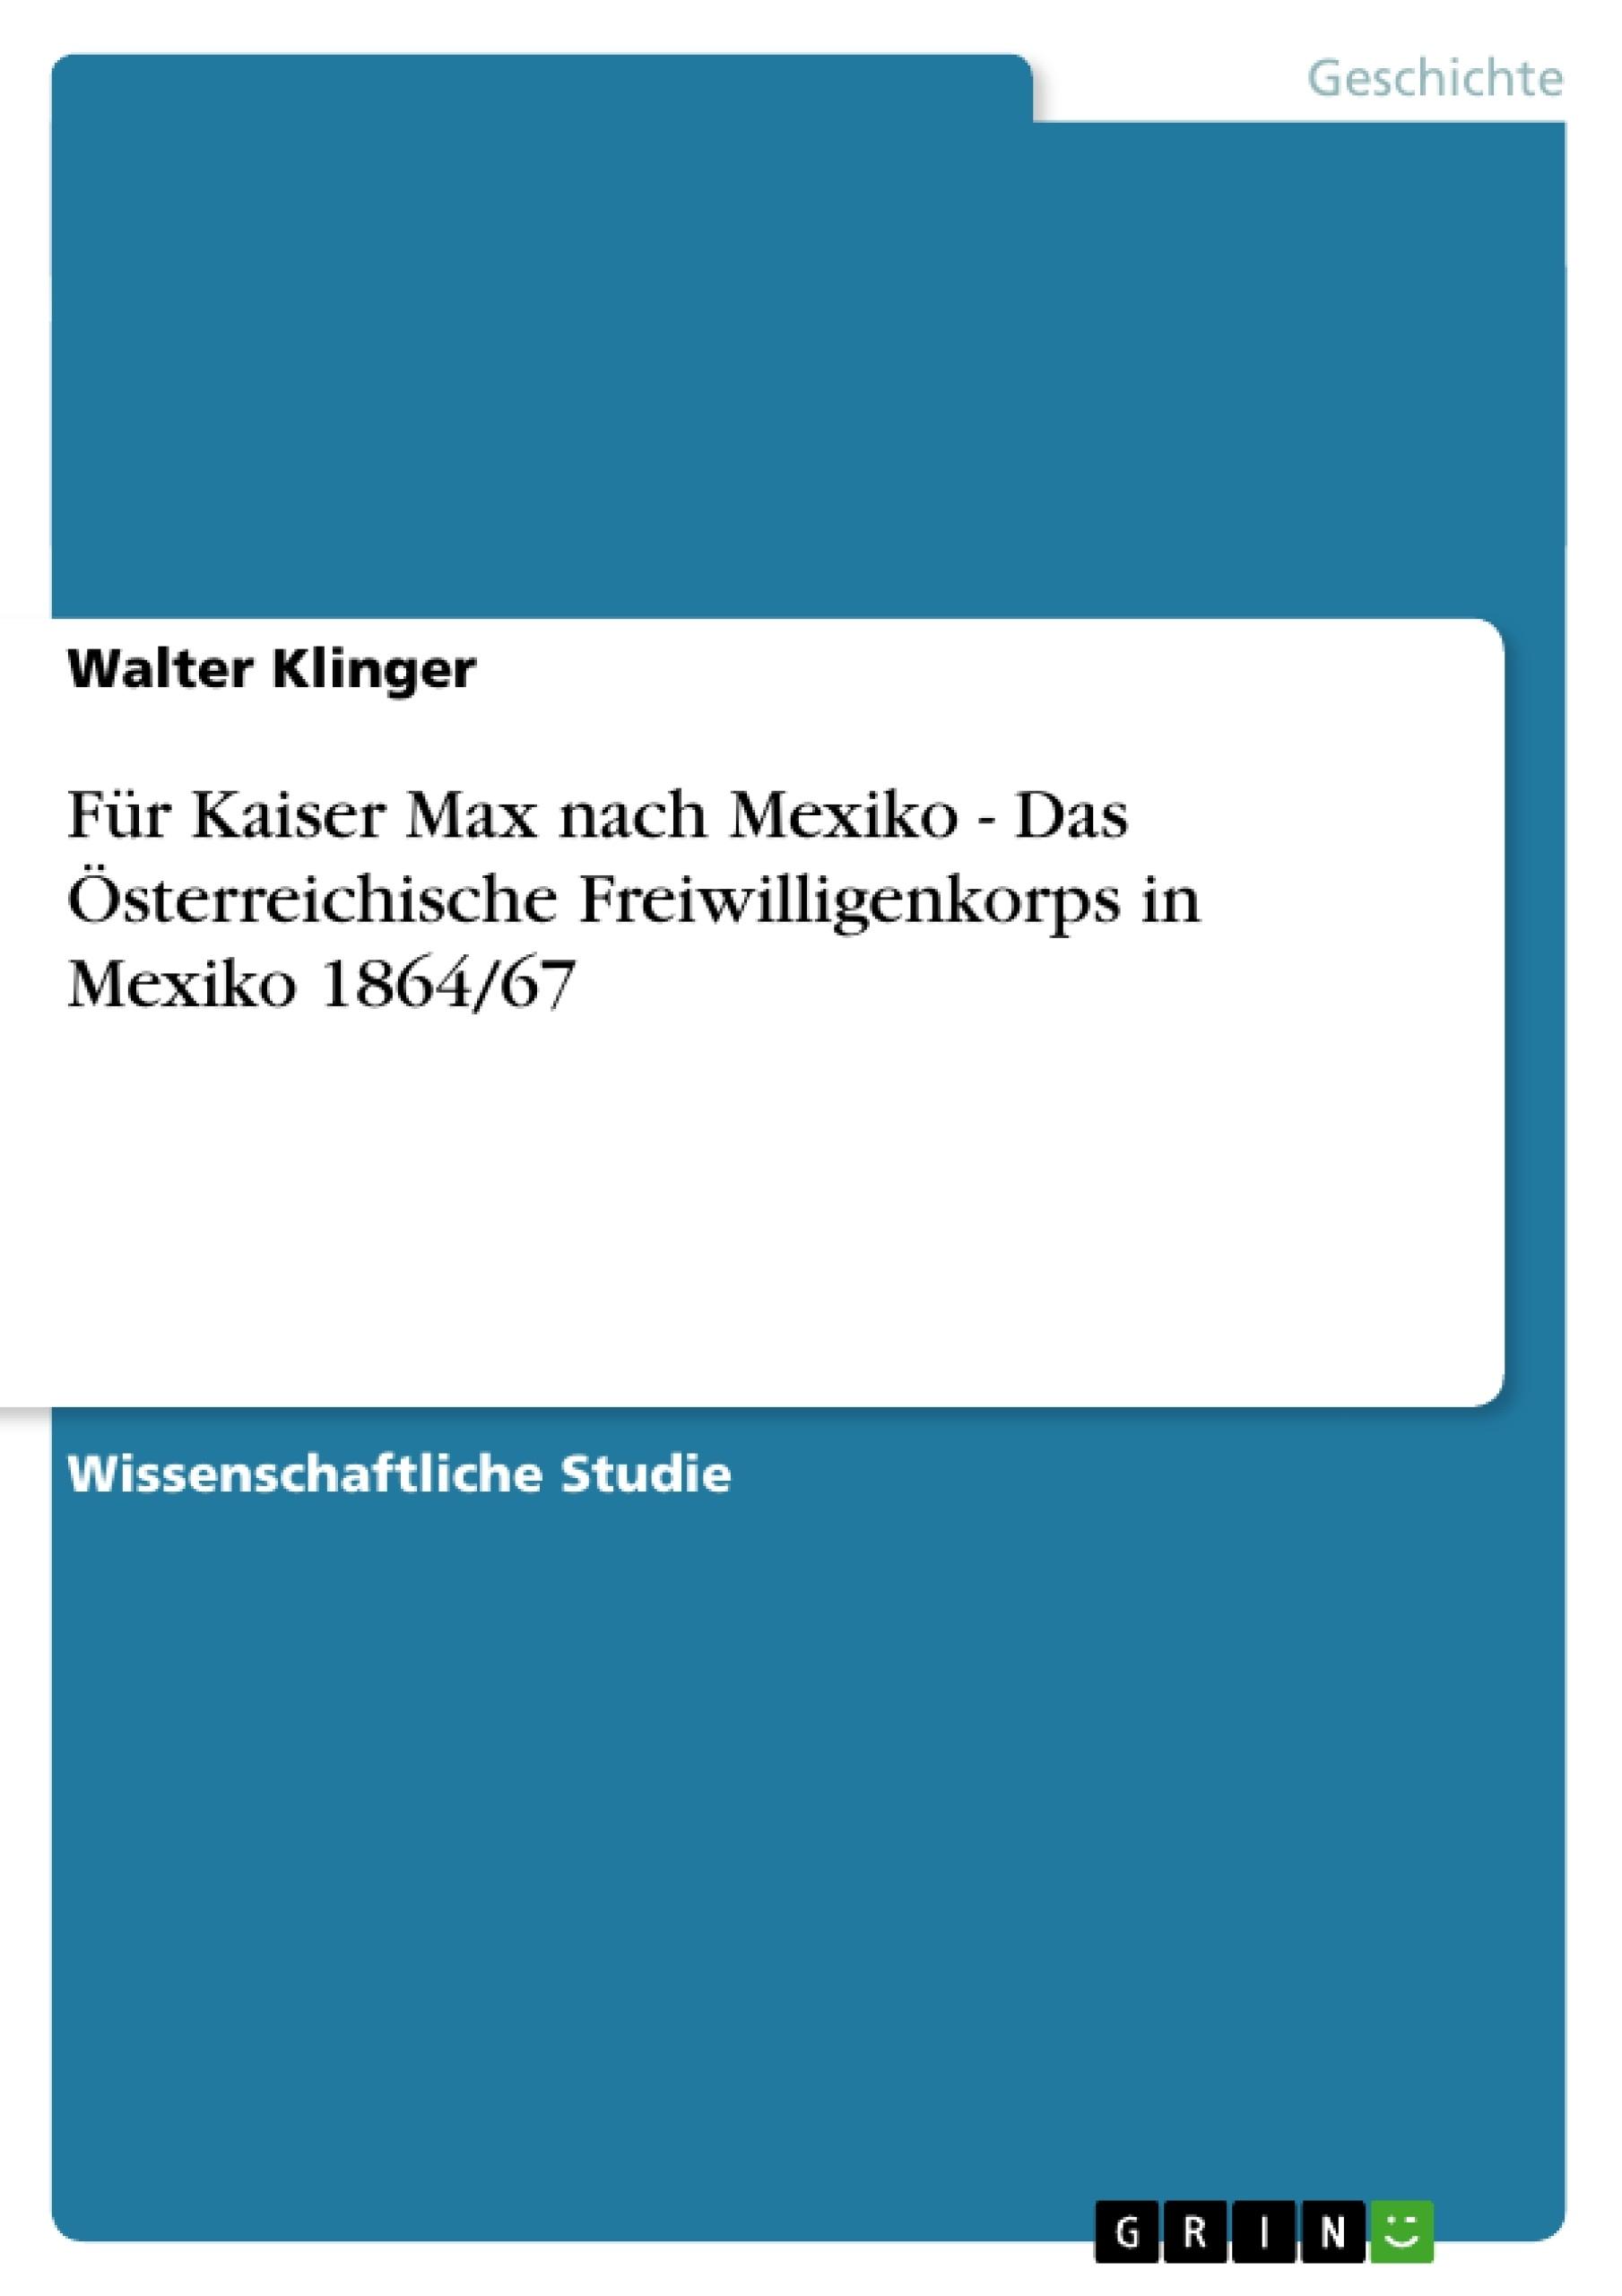 Titel: Für Kaiser Max nach Mexiko  -  Das Österreichische Freiwilligenkorps in Mexiko 1864/67